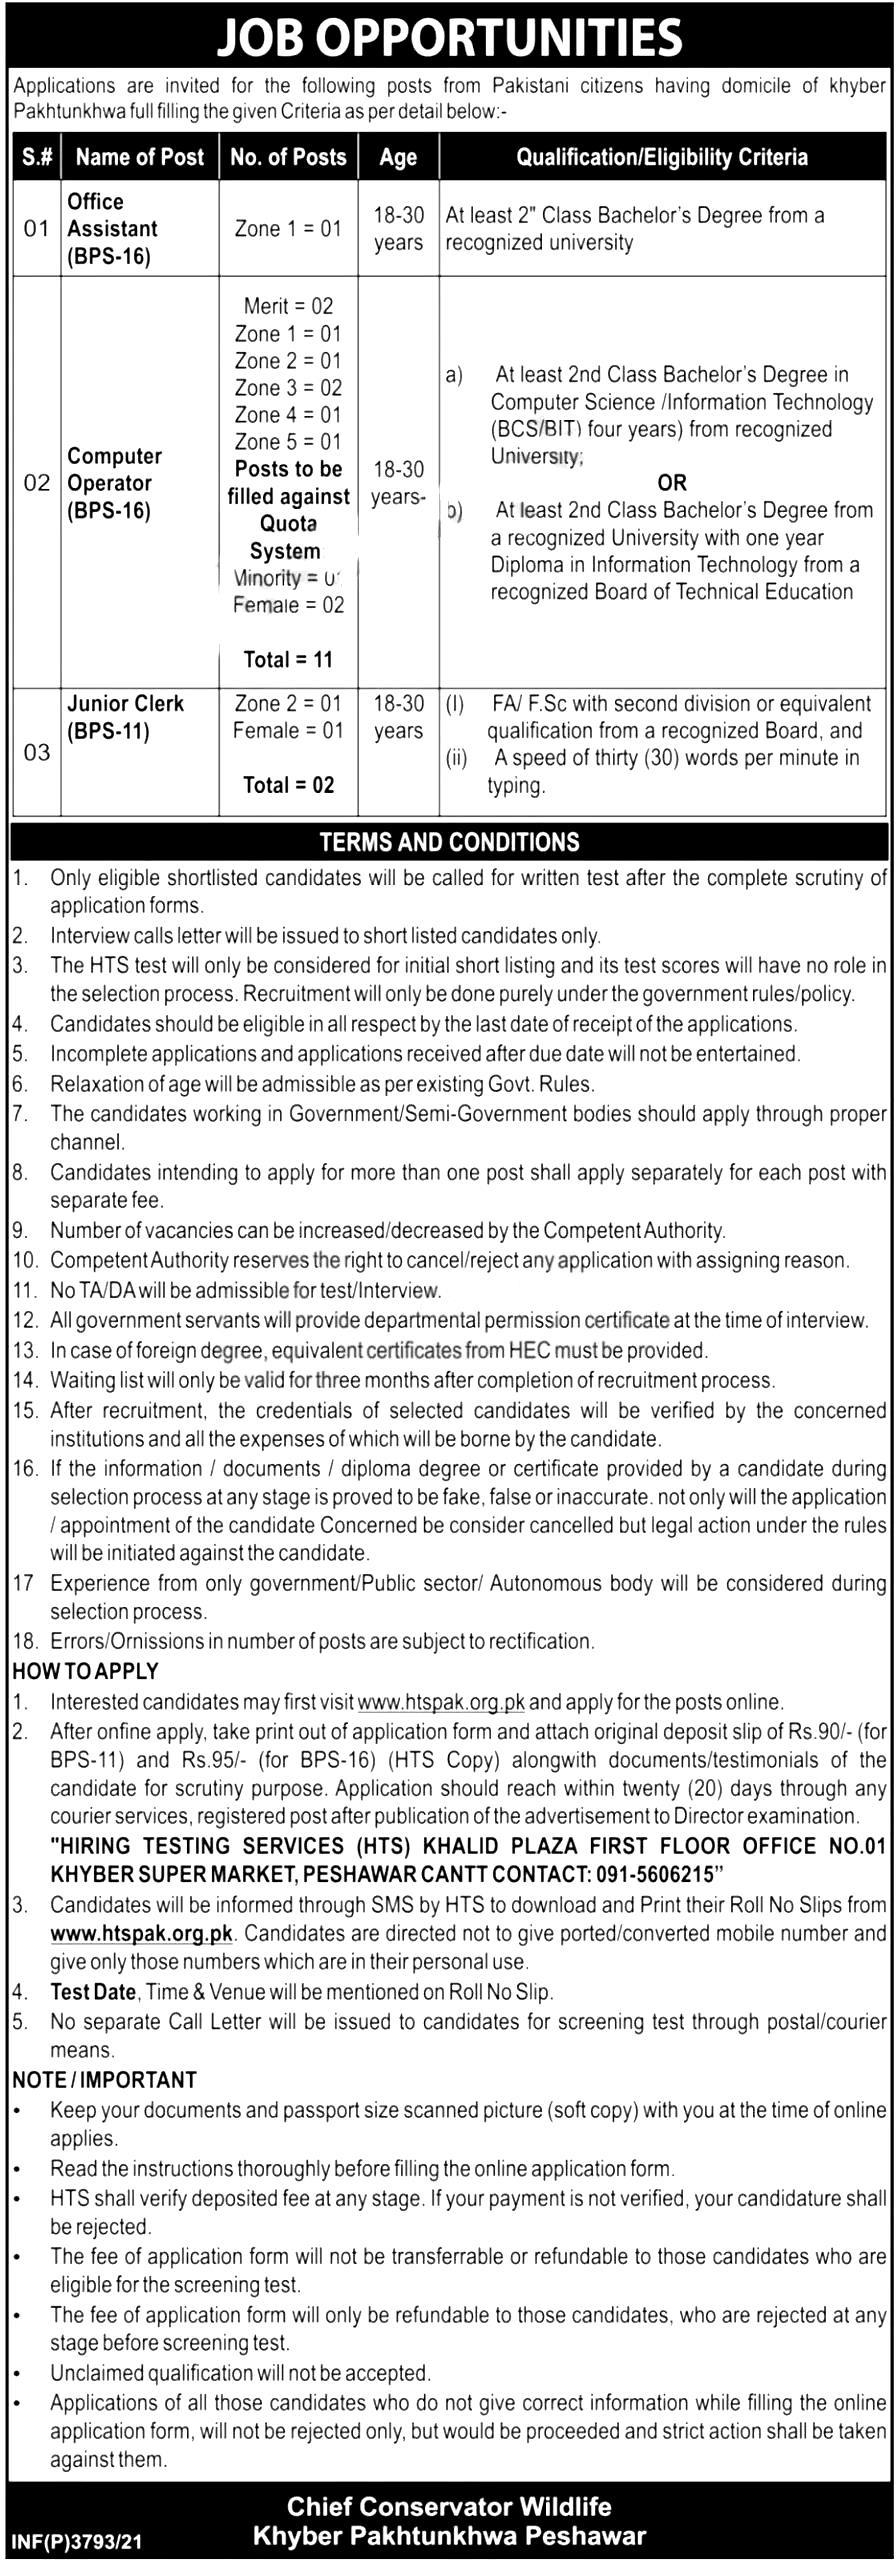 Wildlife Department KPK Jobs 2021